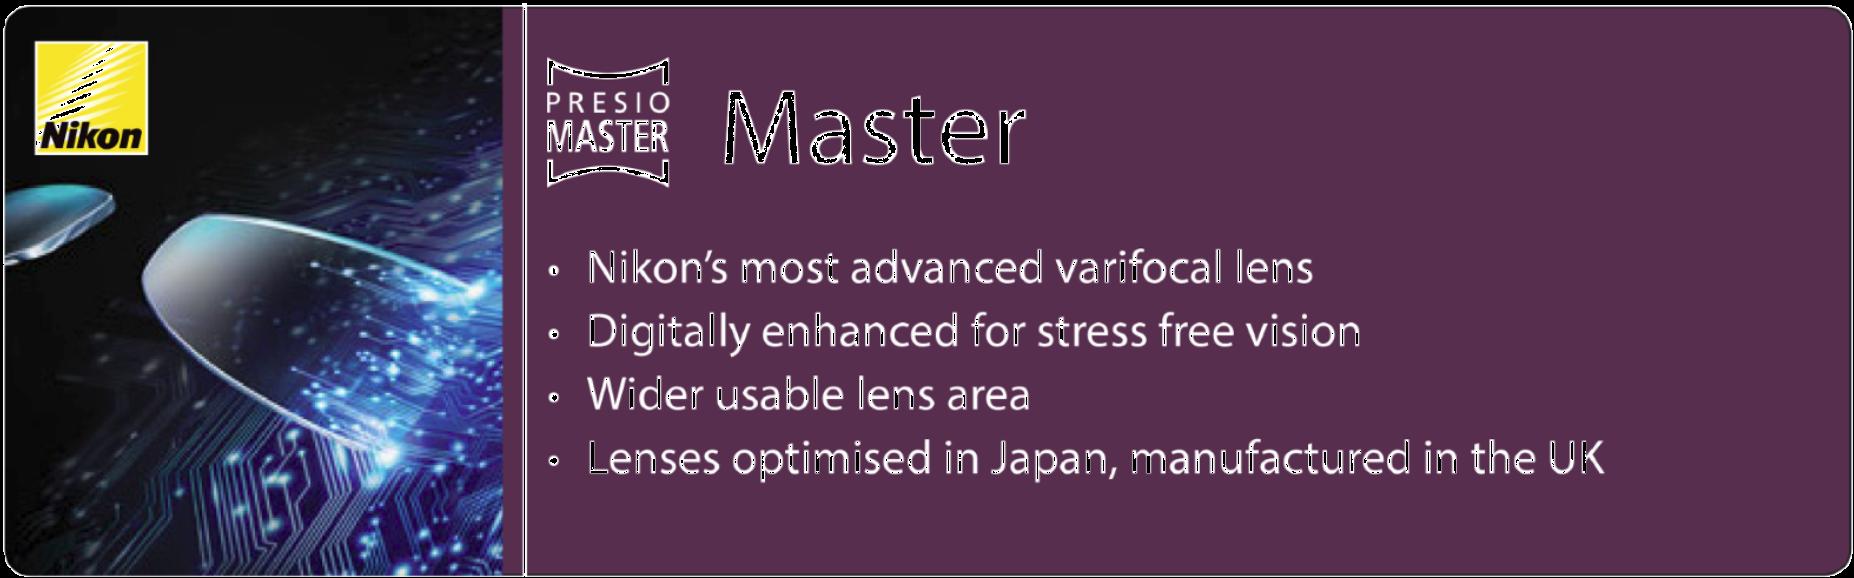 Nikon 1. Presio Master